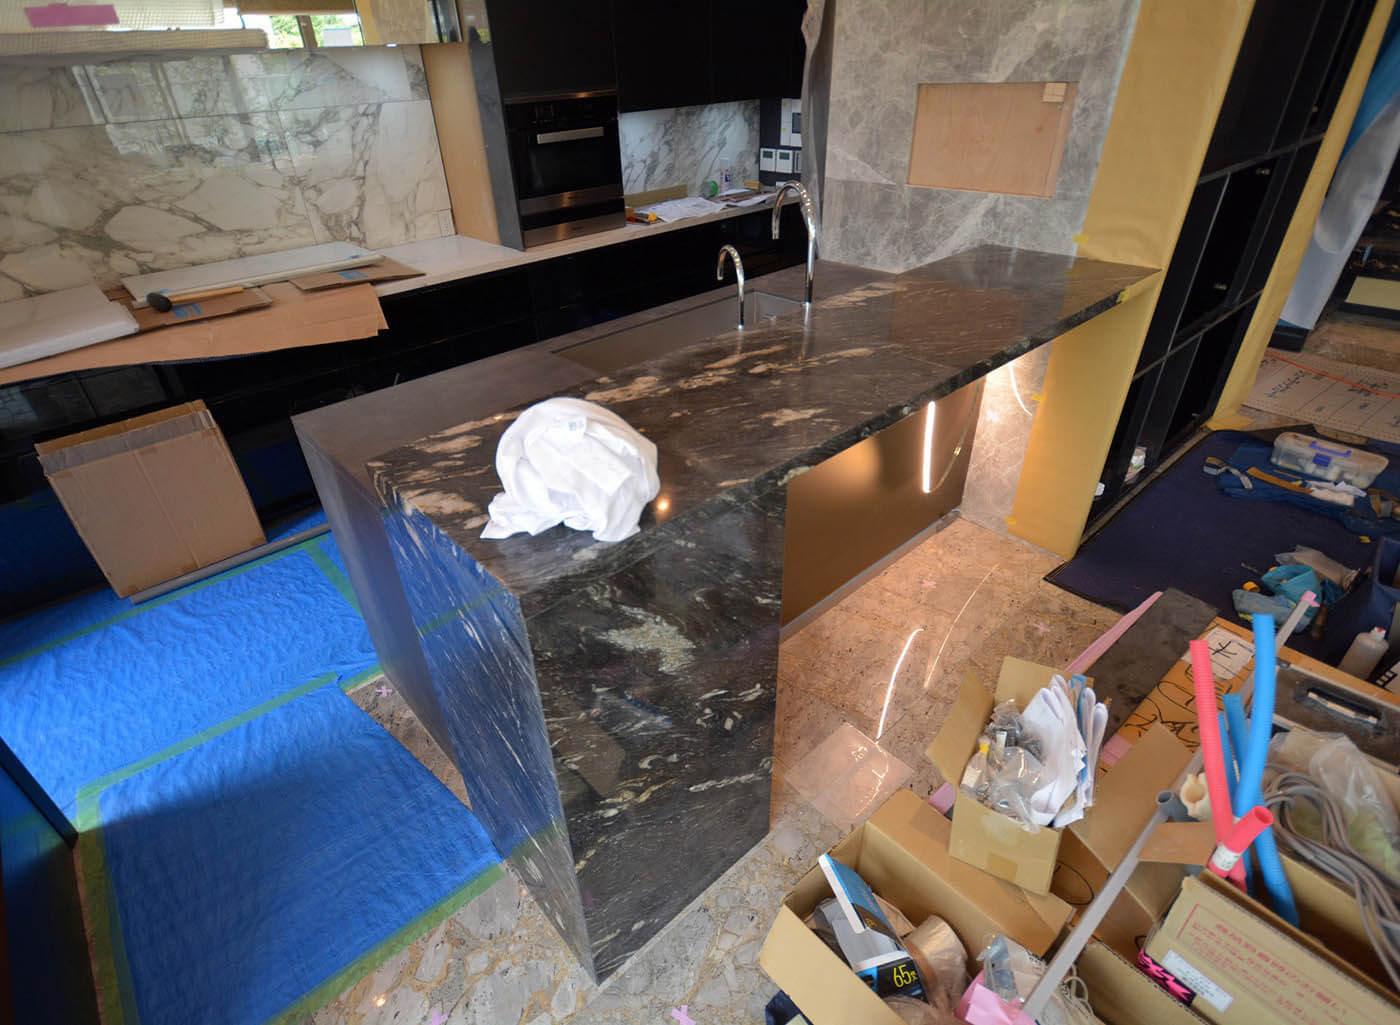 御影石のカウンターを組み込んだキッチンのペニンシュラ型カウンター